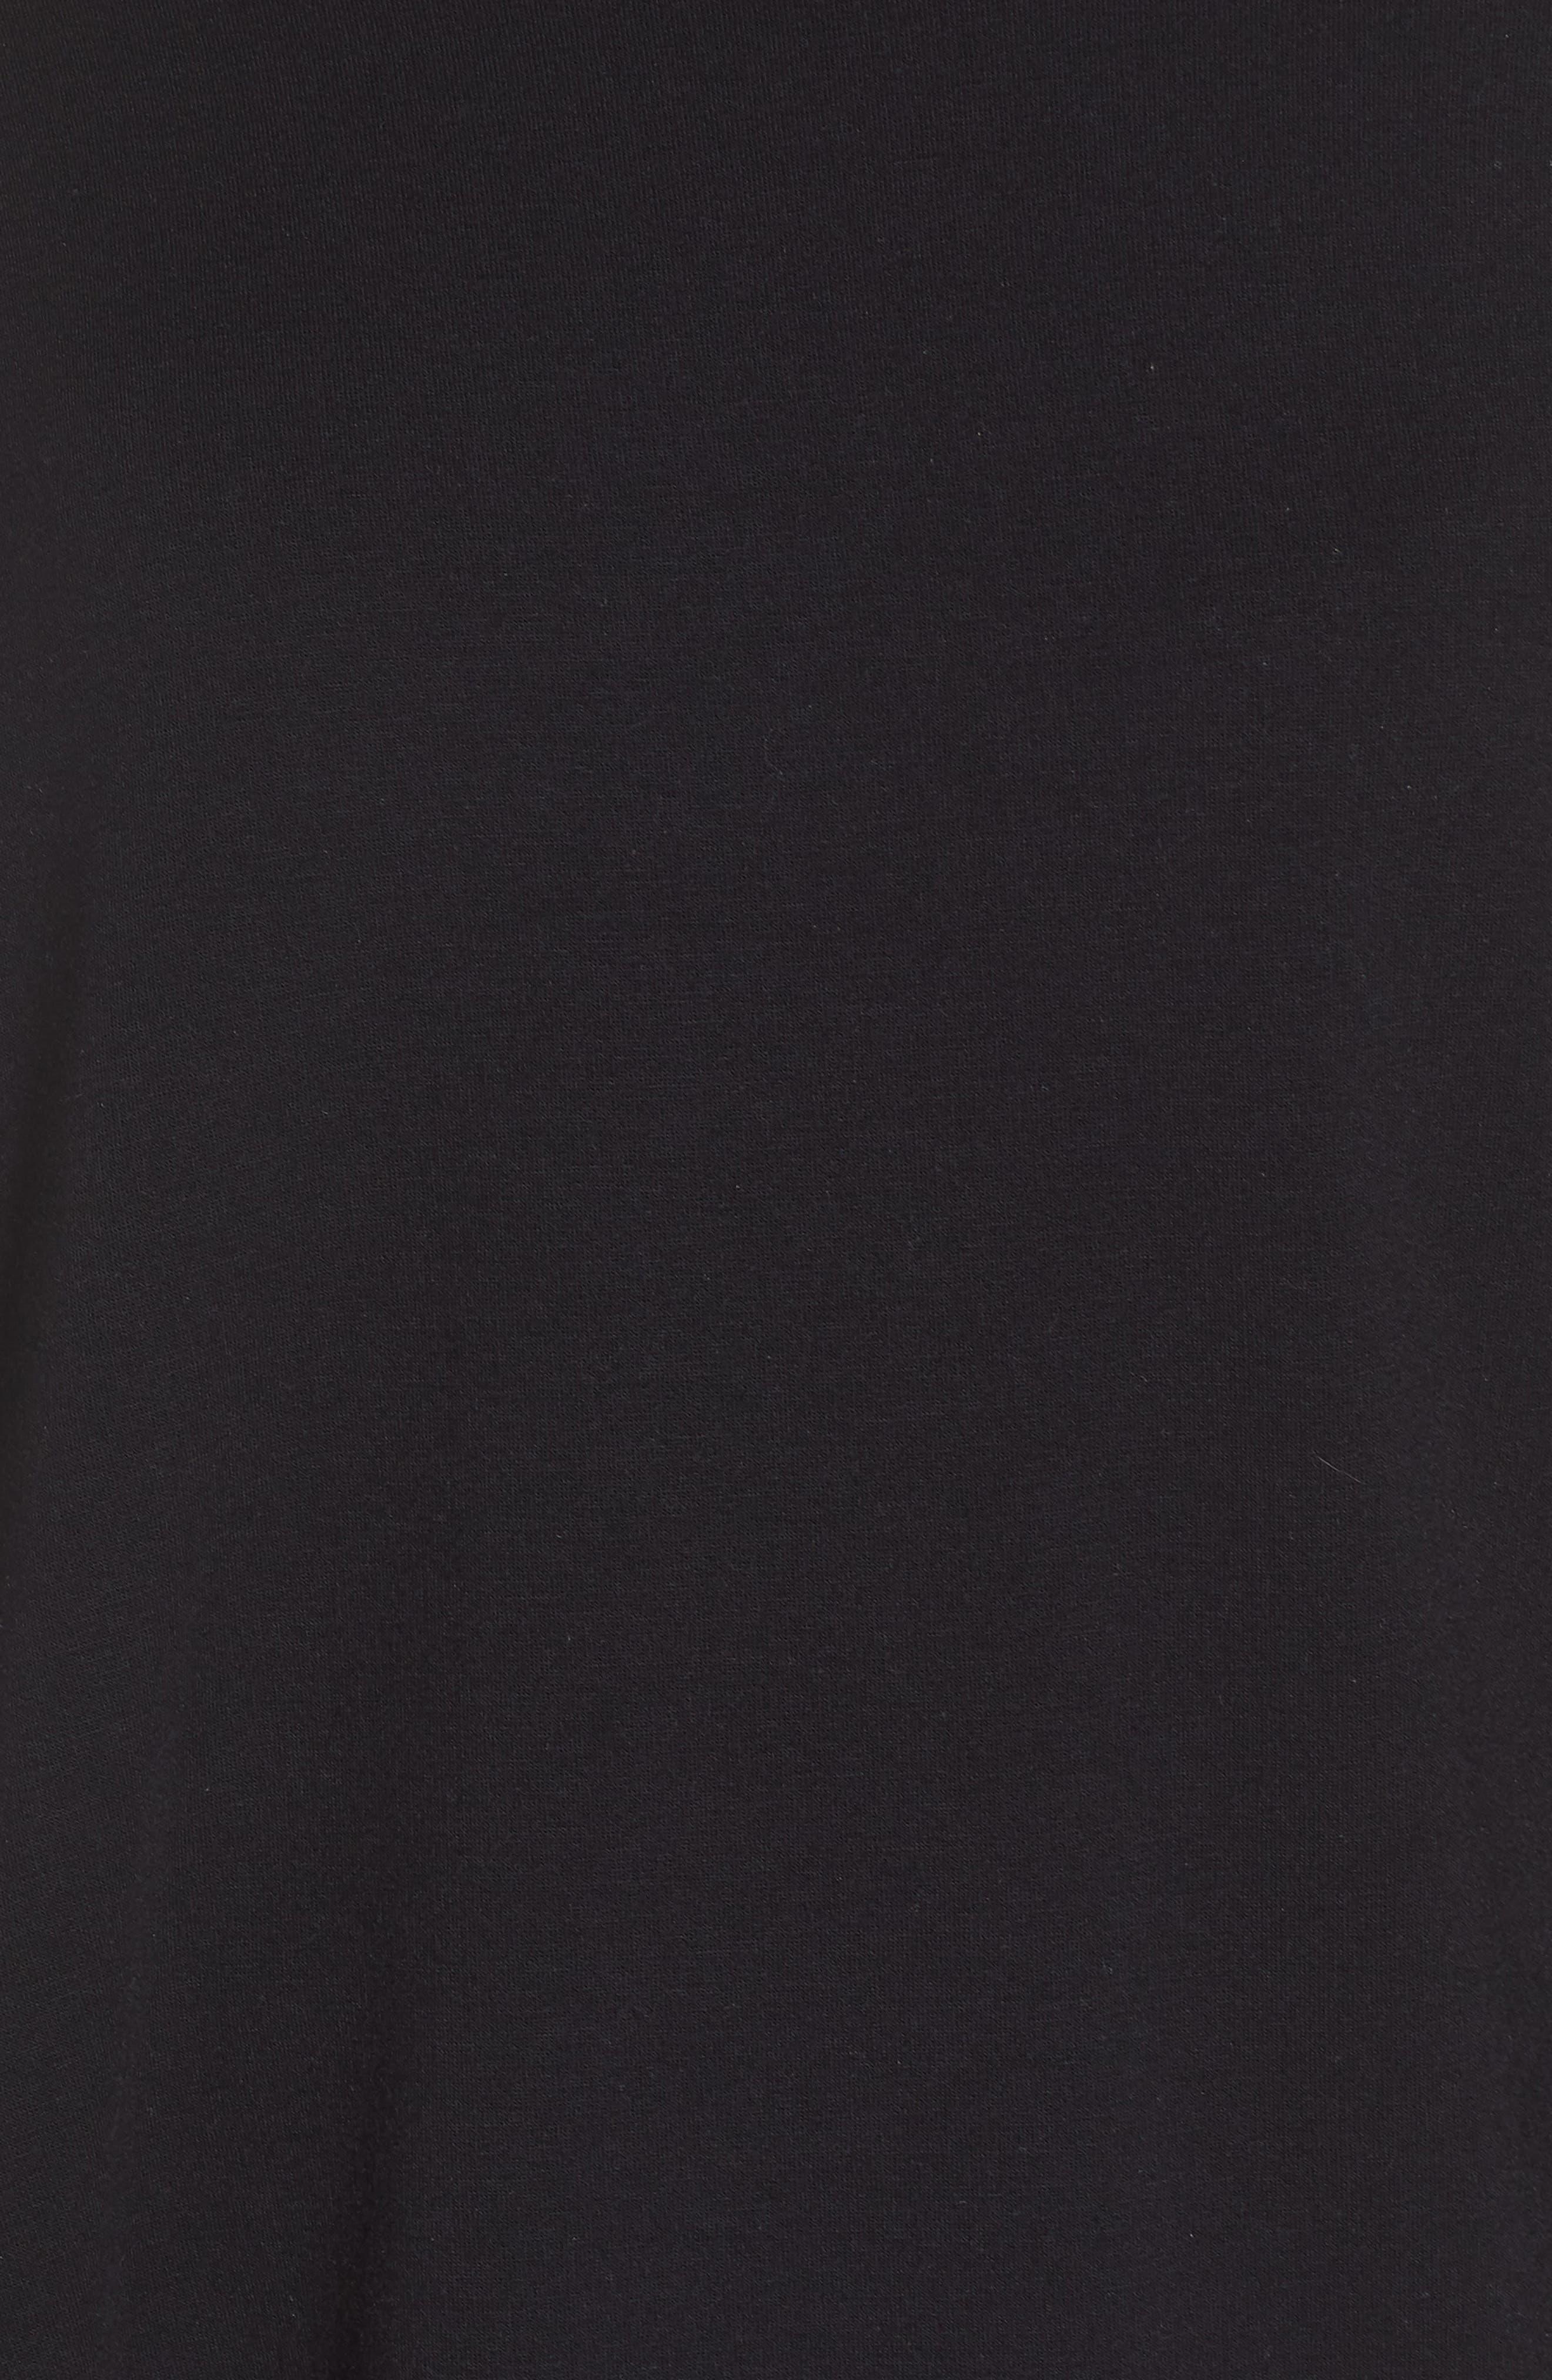 'Cozy' Convertible Fleece Pullover,                             Alternate thumbnail 7, color,                             Black